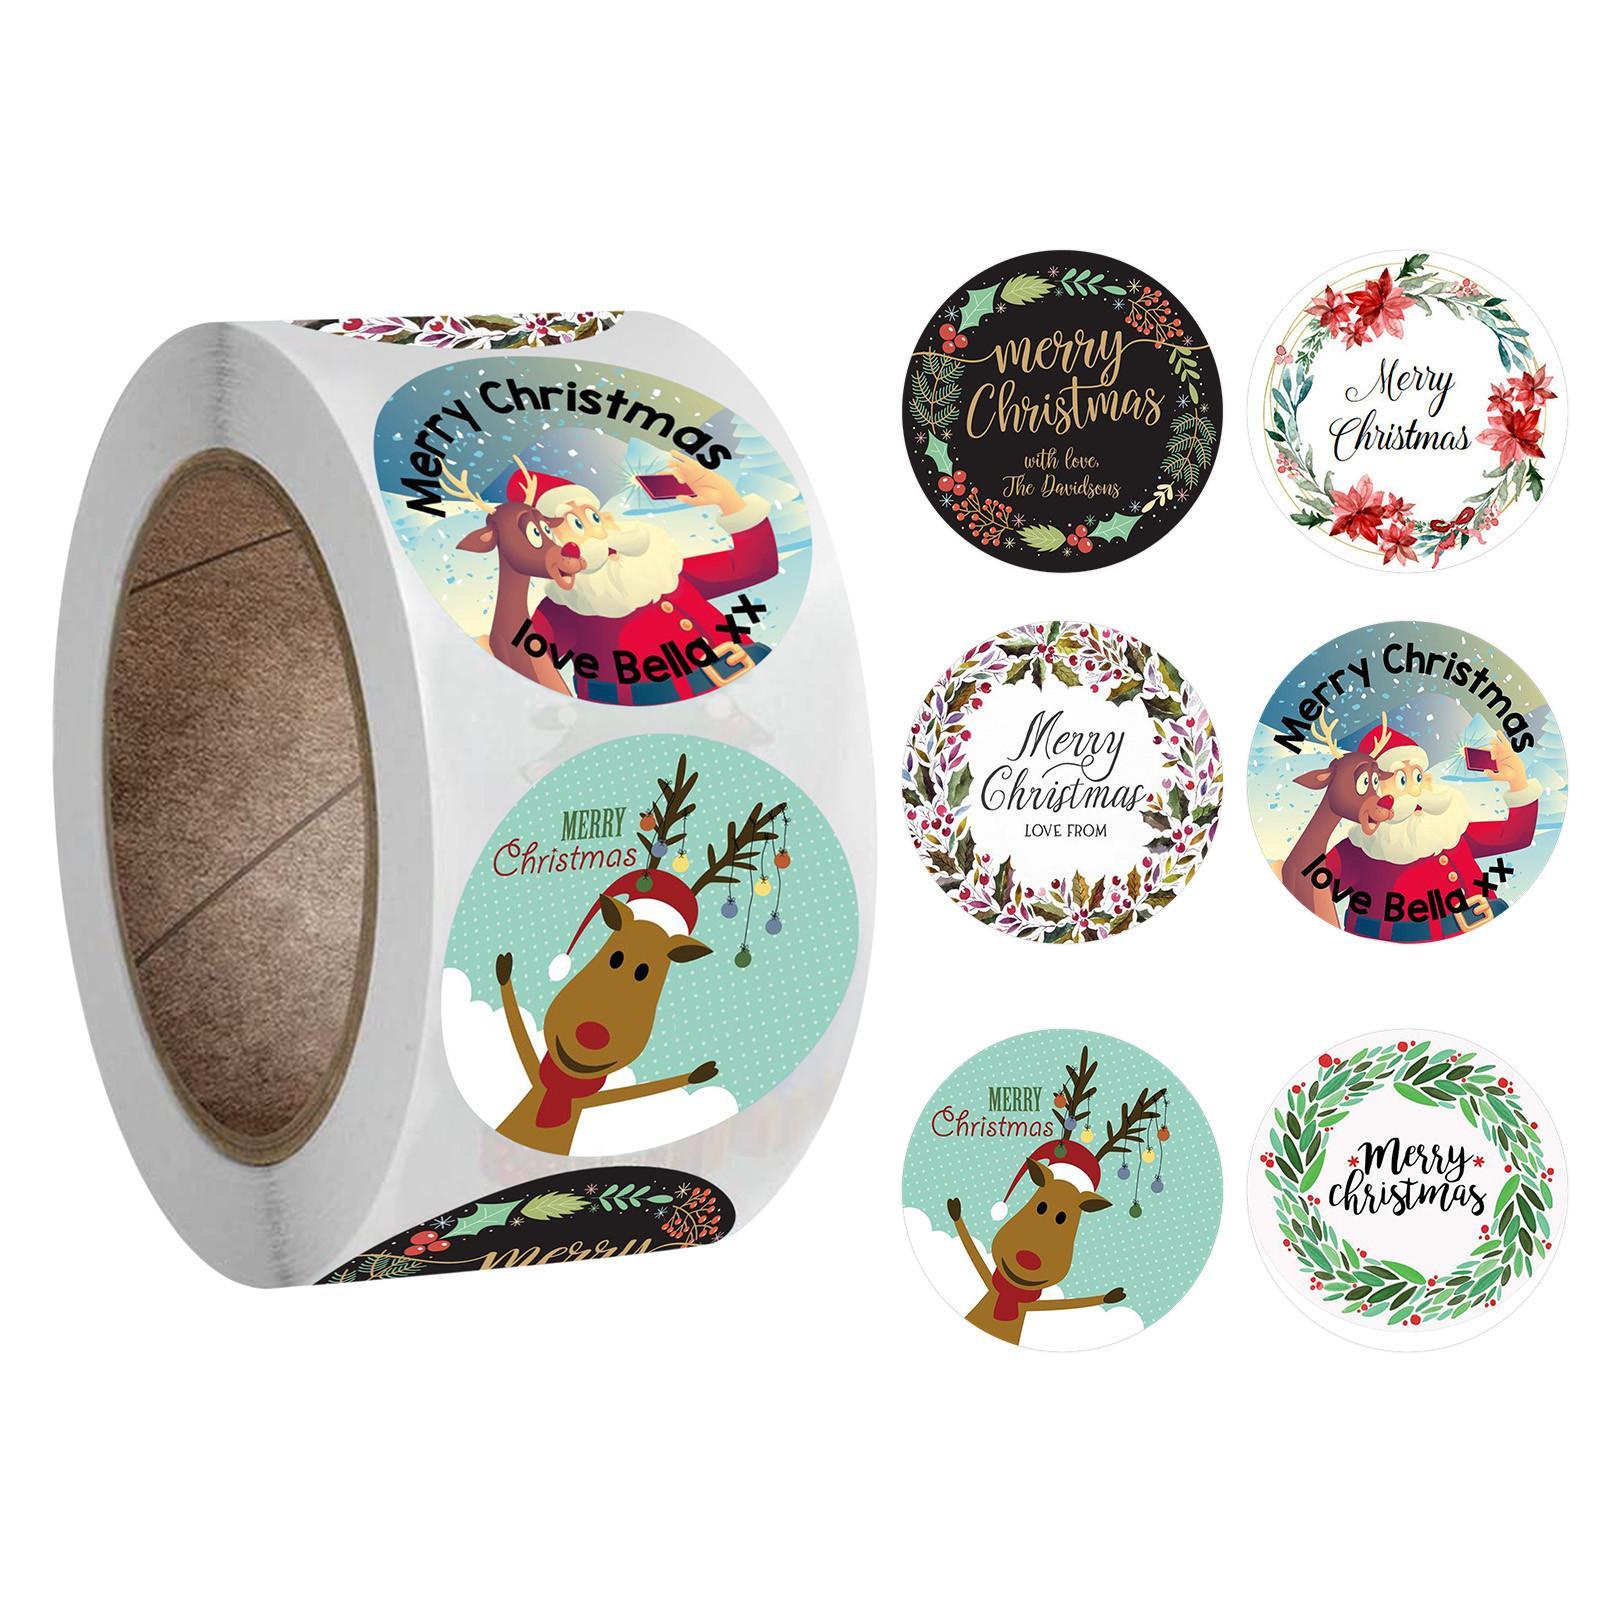 500 шт Нового пакет наклейка Праздник украшение подарки 1 Рулон Главной Merry Christmas Ornament Navidad Xmas Gifts